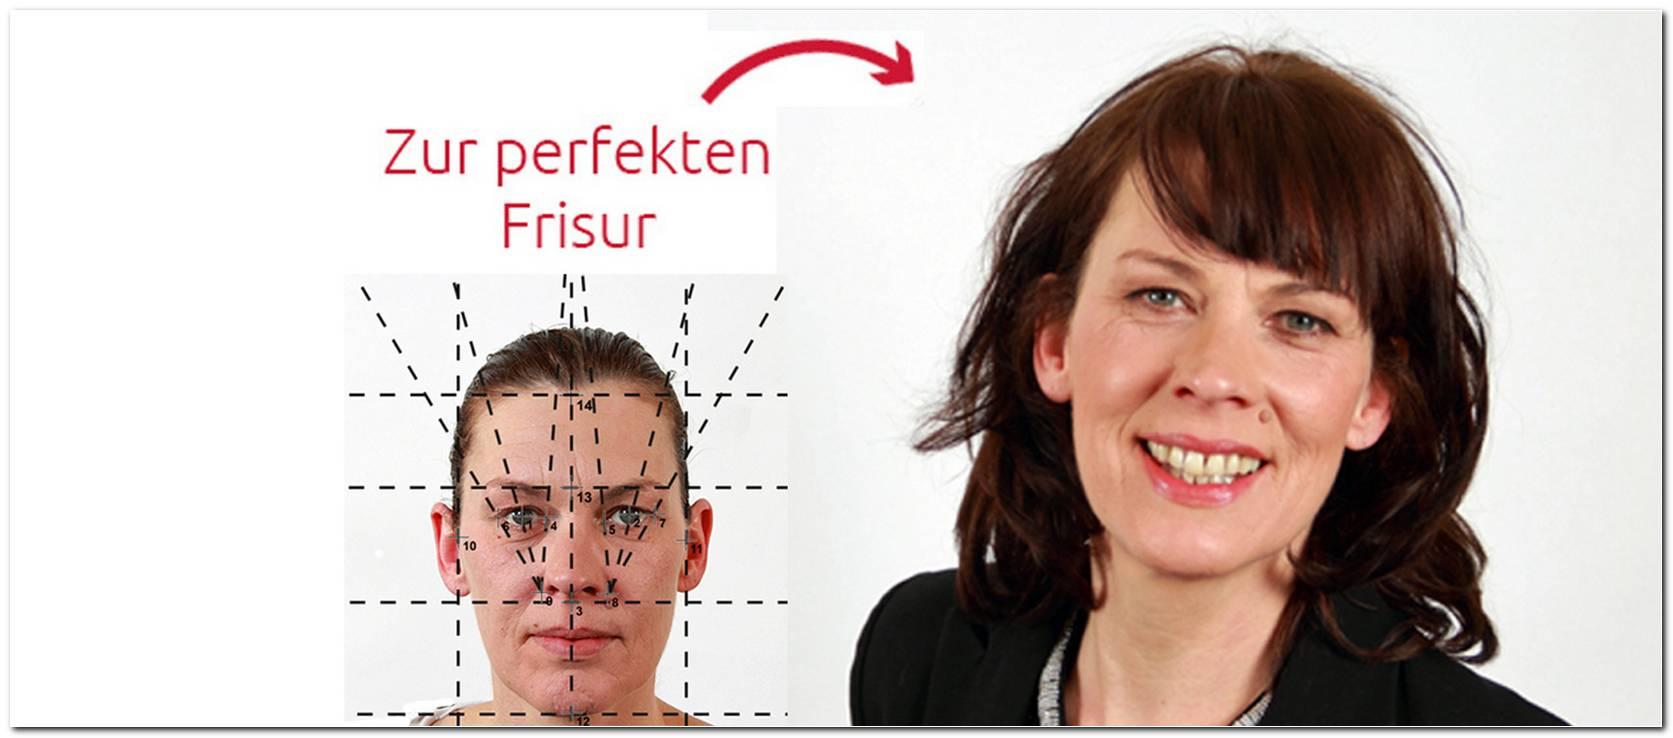 Frisuren Foto Hochladen